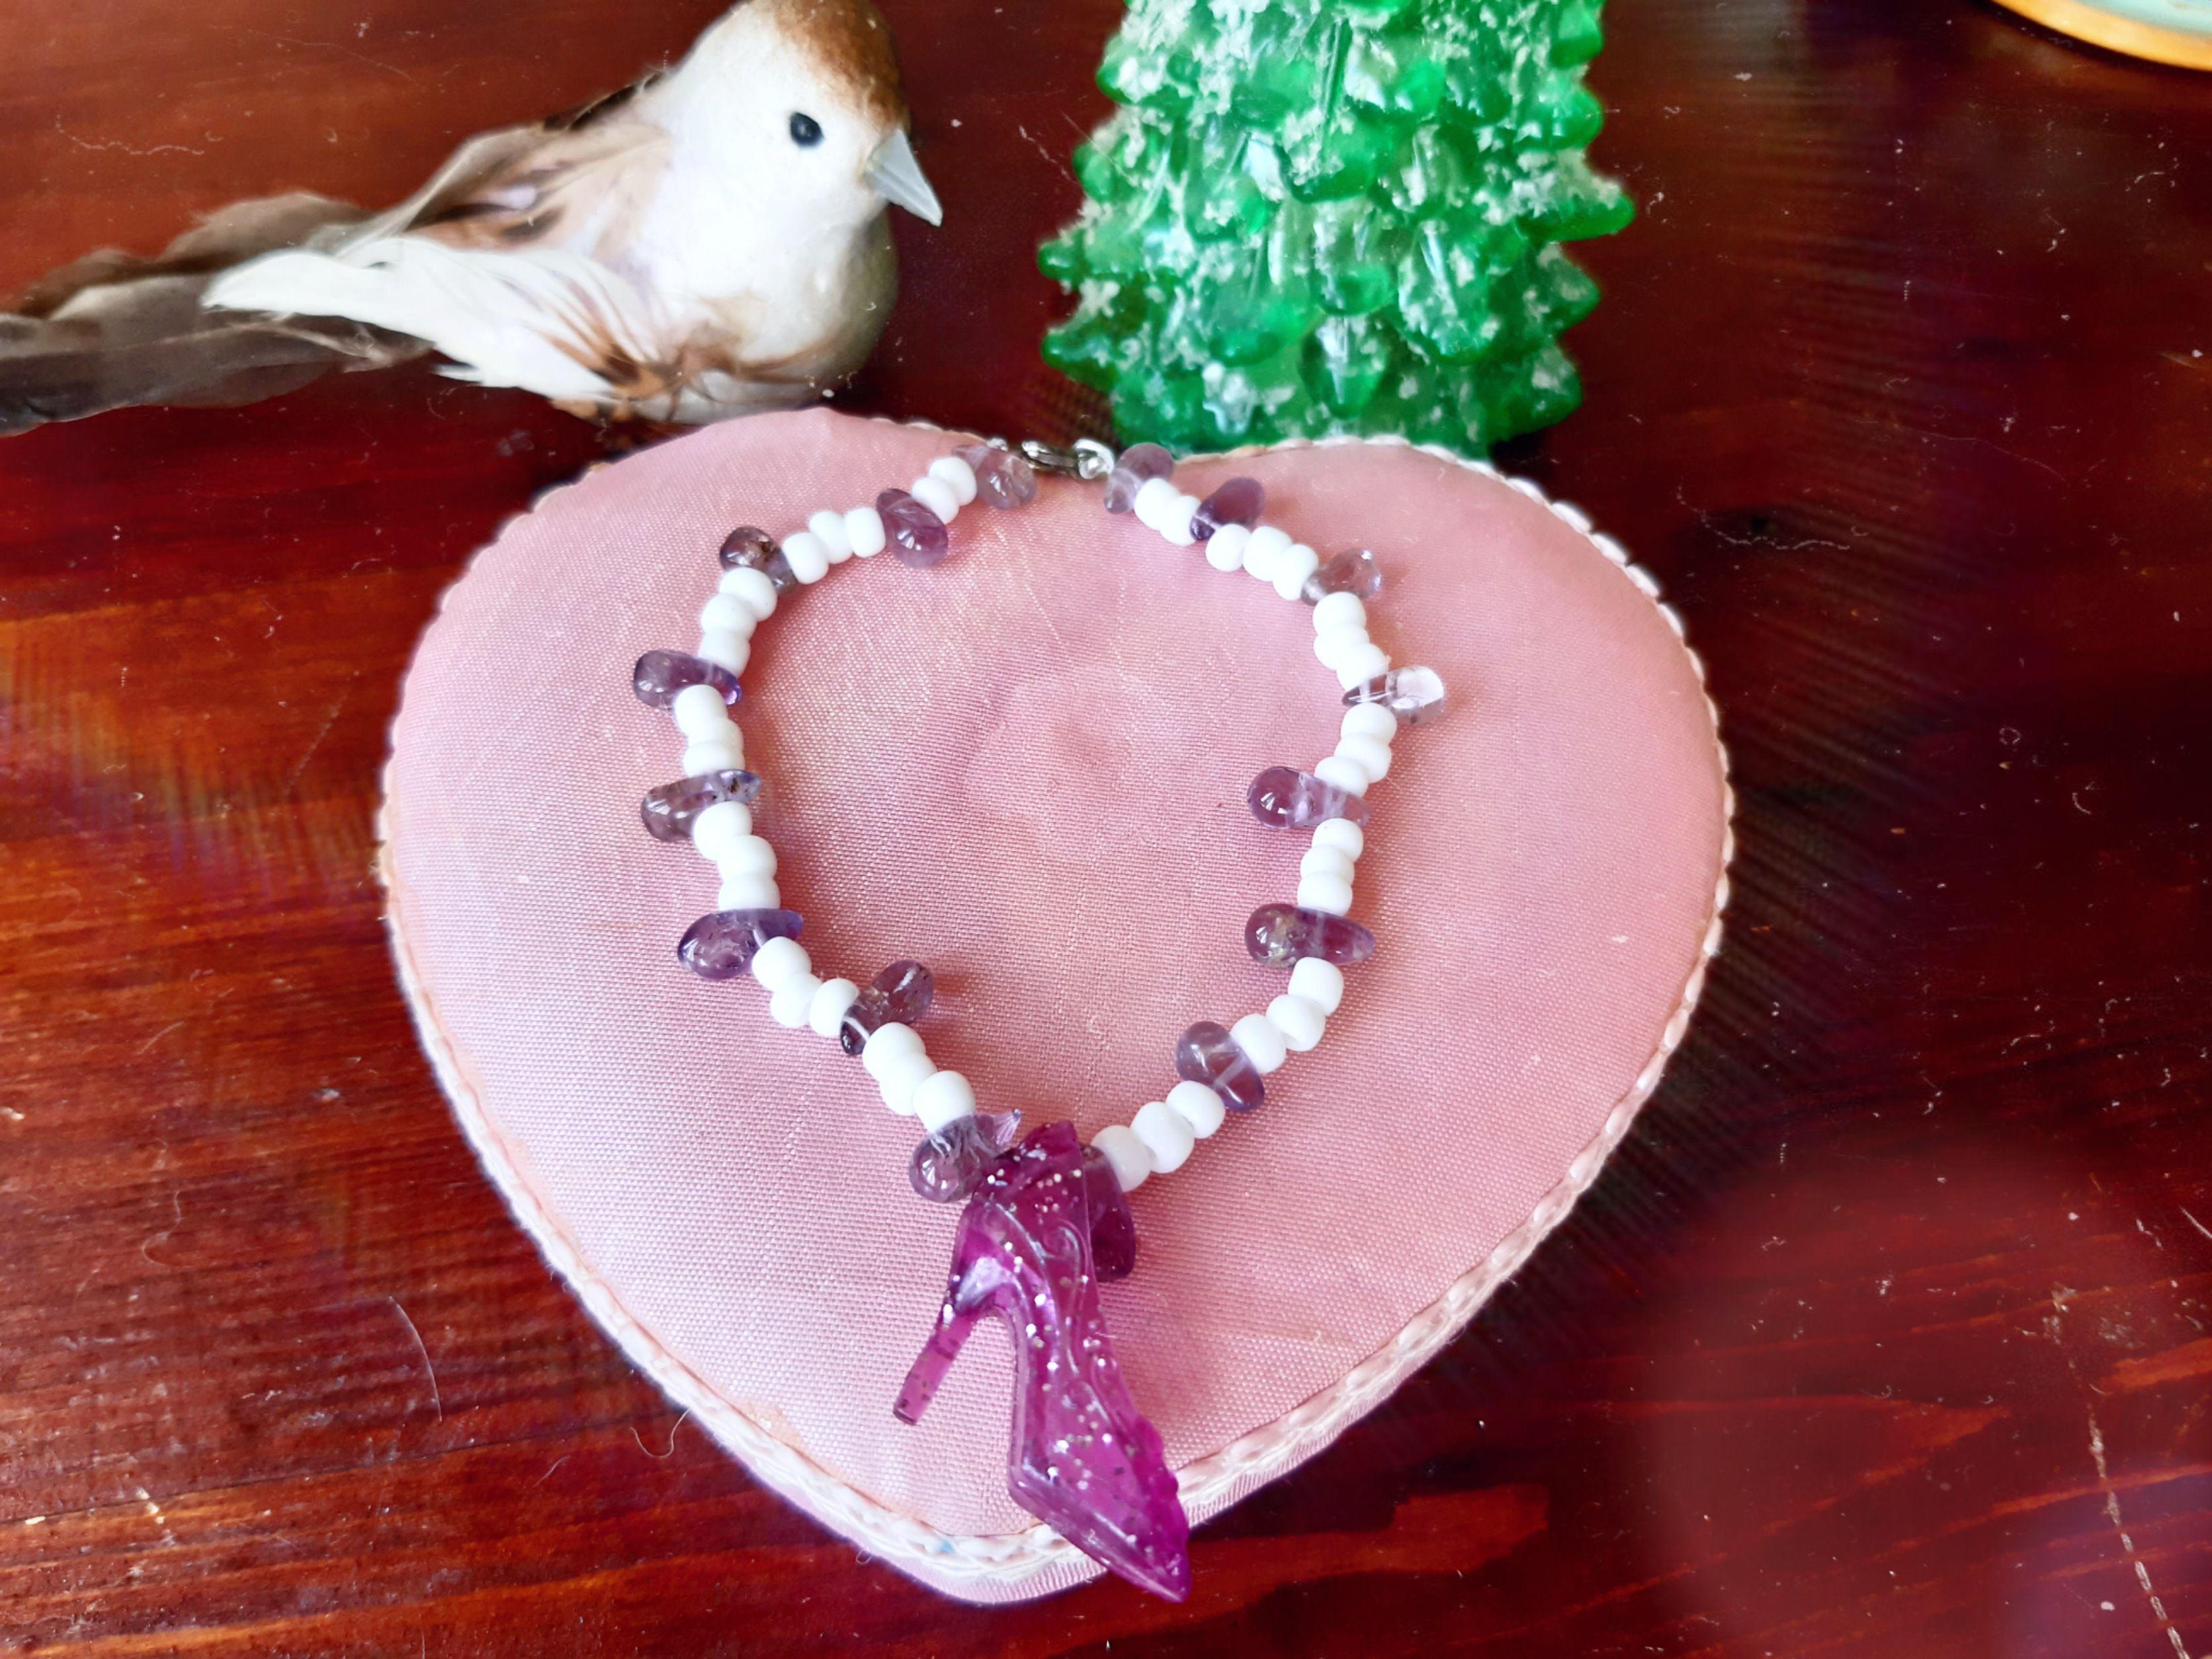 бисер браслет белый туфли туфелька женщине аметист фиолетовый сказка камень рука туфельки браслеты сюрприз праздник золушка камни украшения волшебство девушке камушки девочке подарок ночь бижутерия